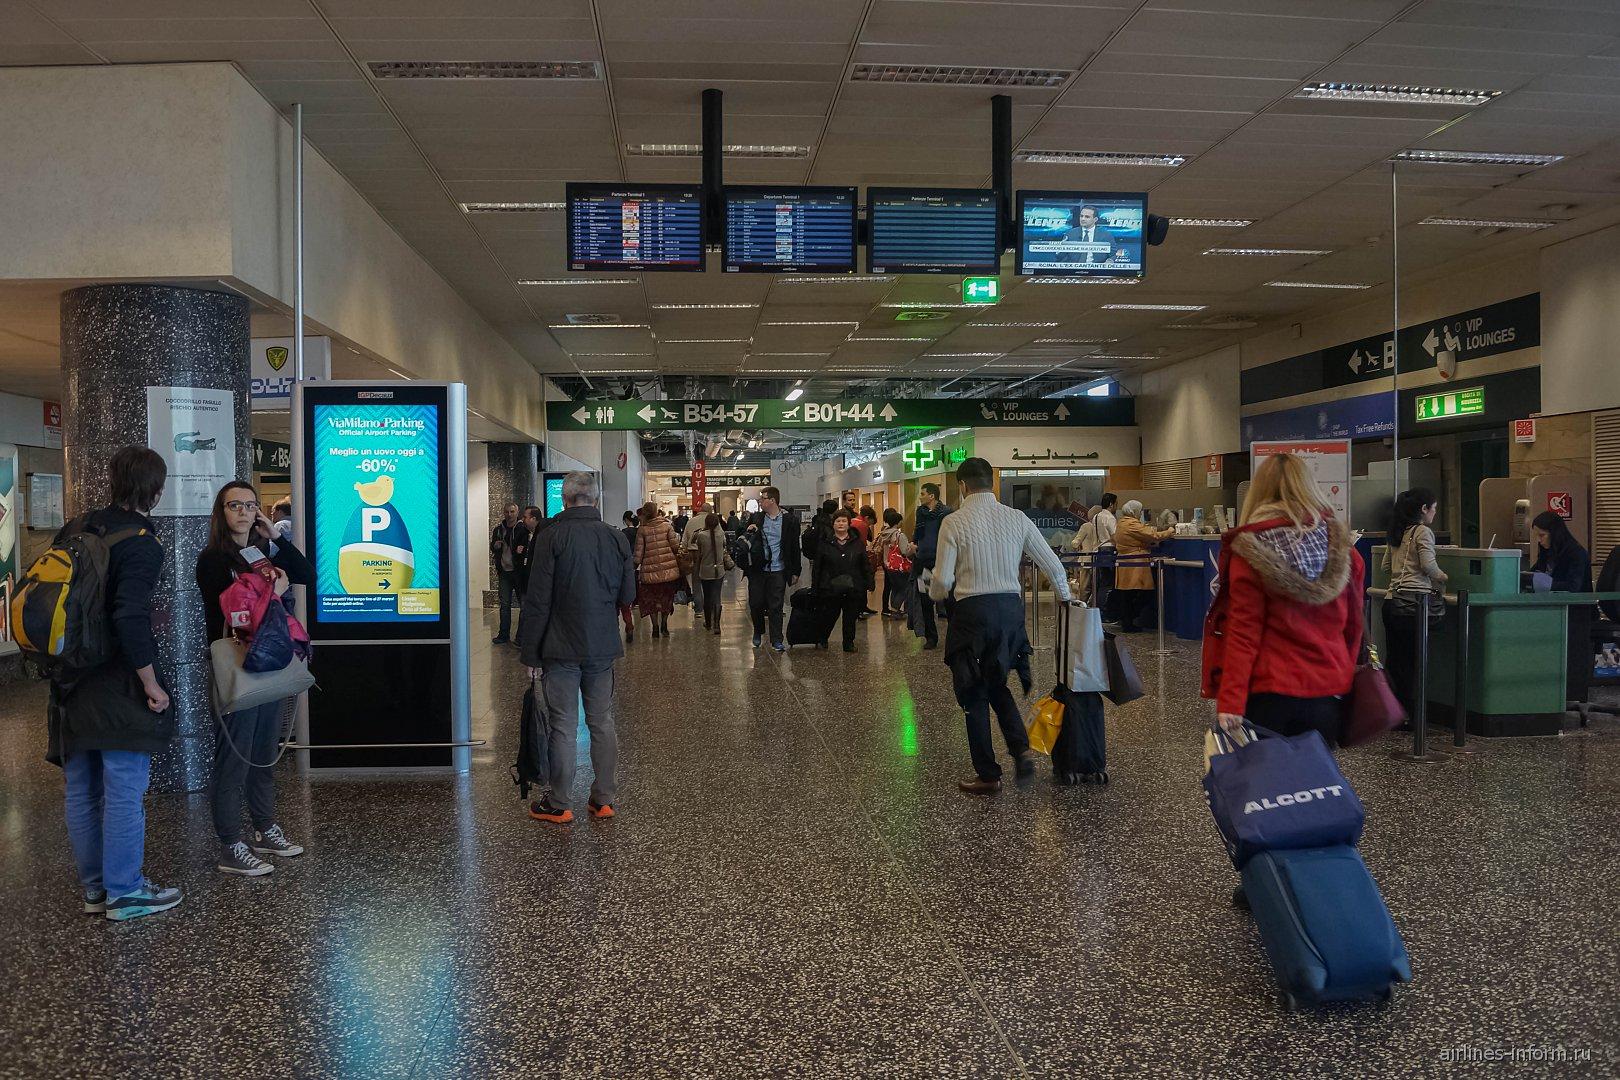 В чистой зоне сектора B терминала 1 аэропорта Милан Мальпенса